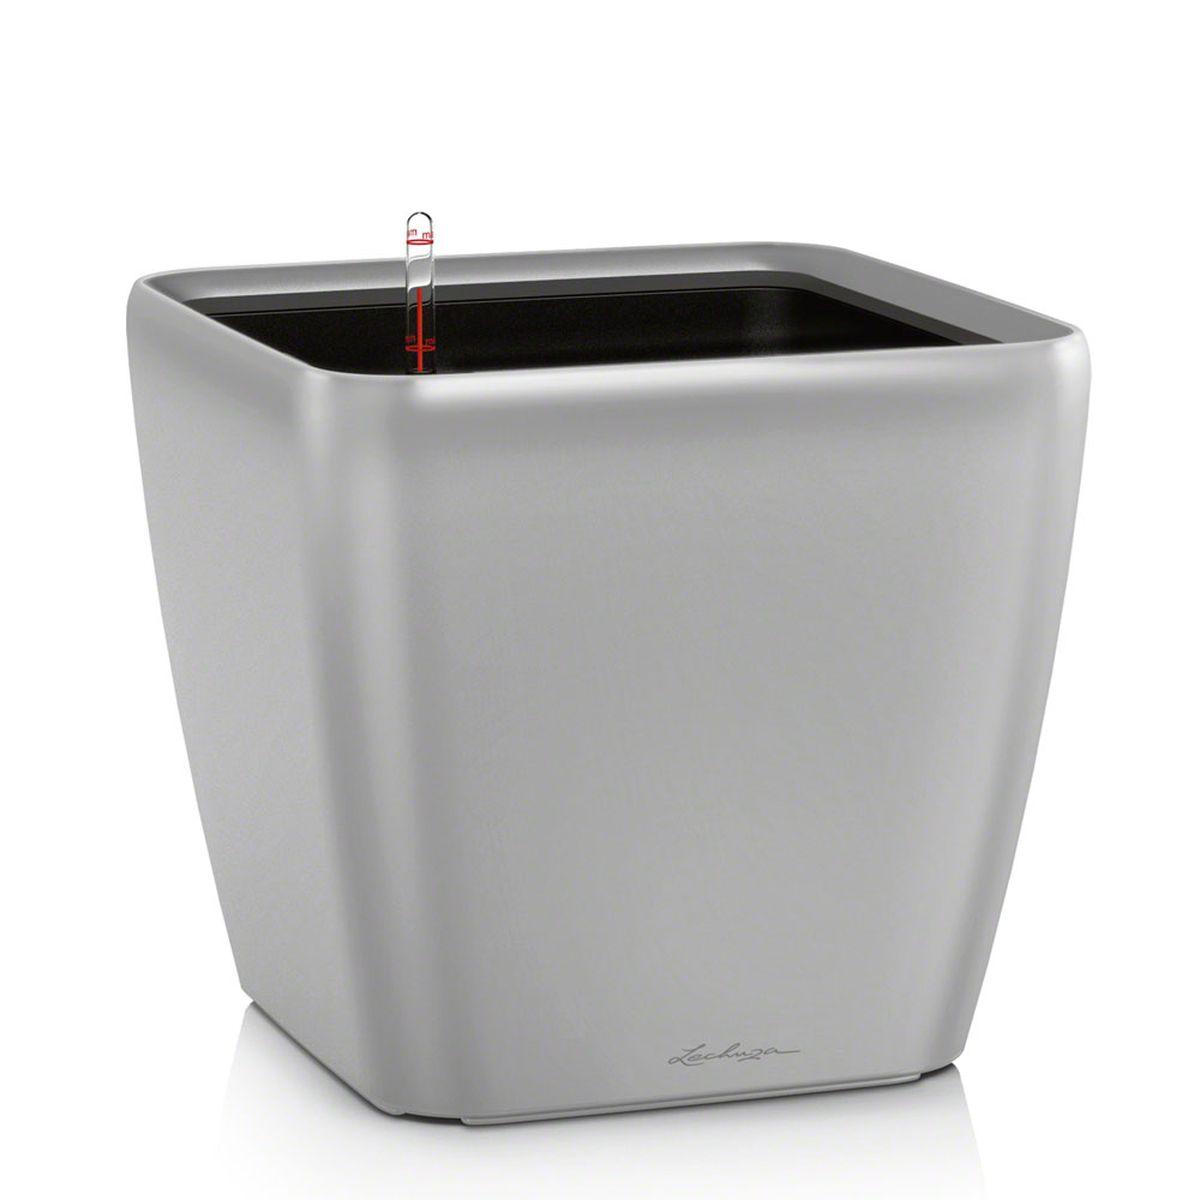 Кашпо Lechuza Quadro, с системой автополива, цвет: серебристый, 43 х 43 х 40 см16188Кашпо Lechuza Quadro, выполненное из высококачественного пластика, имеет уникальную систему автополива, благодаря которой корневая система растения непрерывно снабжается влагой из резервуара. Уровень воды в резервуаре контролируется с помощью специального индикатора. В зависимости от размера кашпо и растения воды хватает на 2-12 недель. Это способствует хорошему росту цветов и предотвращает переувлажнение. В набор входит: кашпо, внутренний горшок, индикатор уровня воды, вал подачи воды, субстрат растений в качестве дренажного слоя, резервуар для воды. Кашпо Lechuza Quadro прекрасно впишется в любой интерьер. Оно поможет расставить нужные акценты, а также придаст помещению вид, соответствующий вашим представлениям.